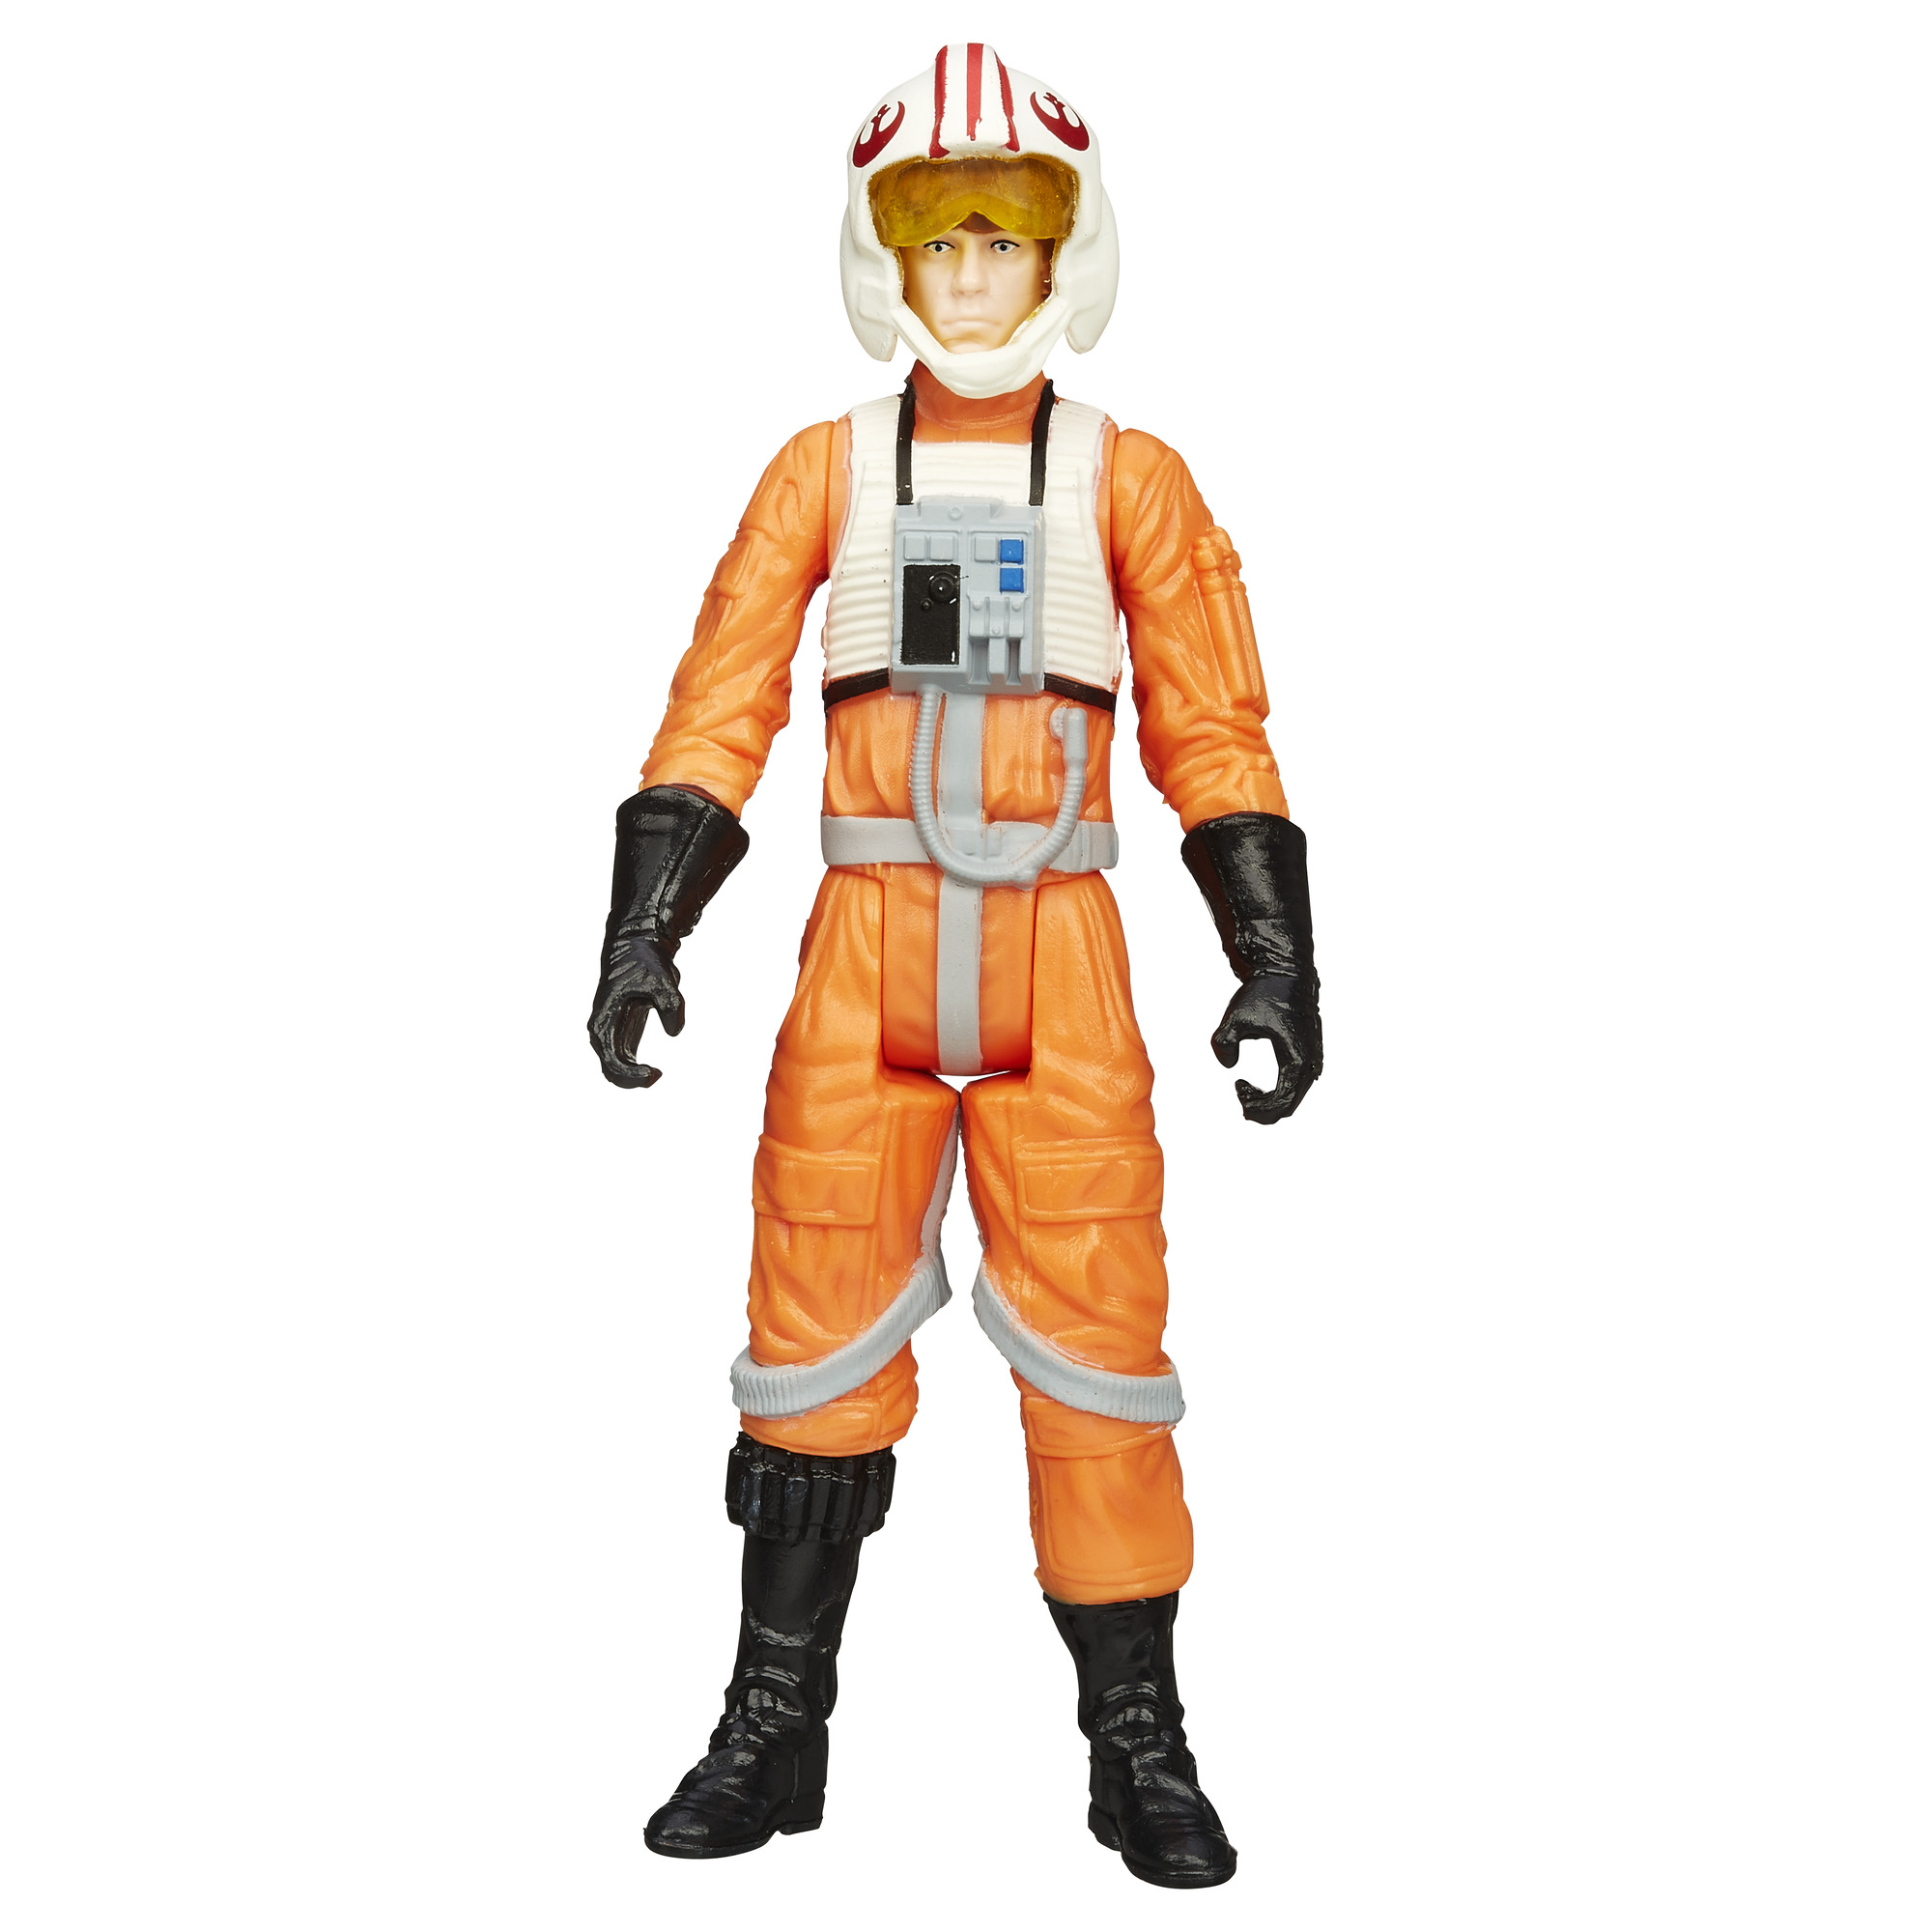 Star Wars Saga Legends 2015 Luke Skywalker Action Figure [Rebel Pilot]